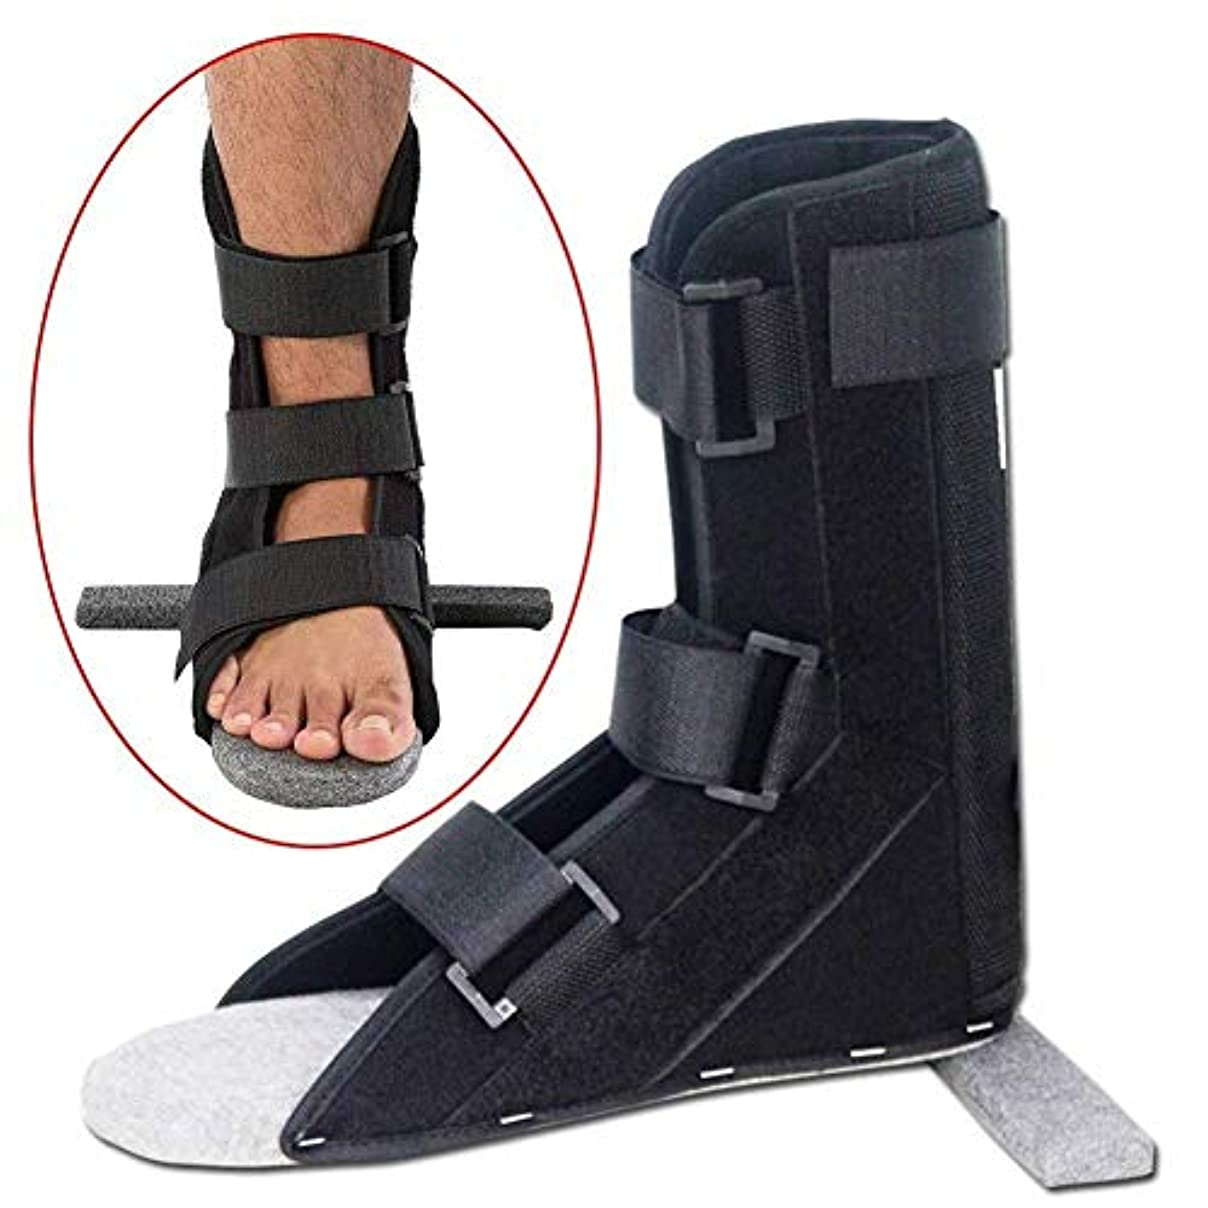 無限中毒呼び出すフットドロップサポートシューズ、正しい足外反、痛みと回復の捻Sp足首装具、脳卒中リハビリテーション装具、男女兼用 (色 : L)